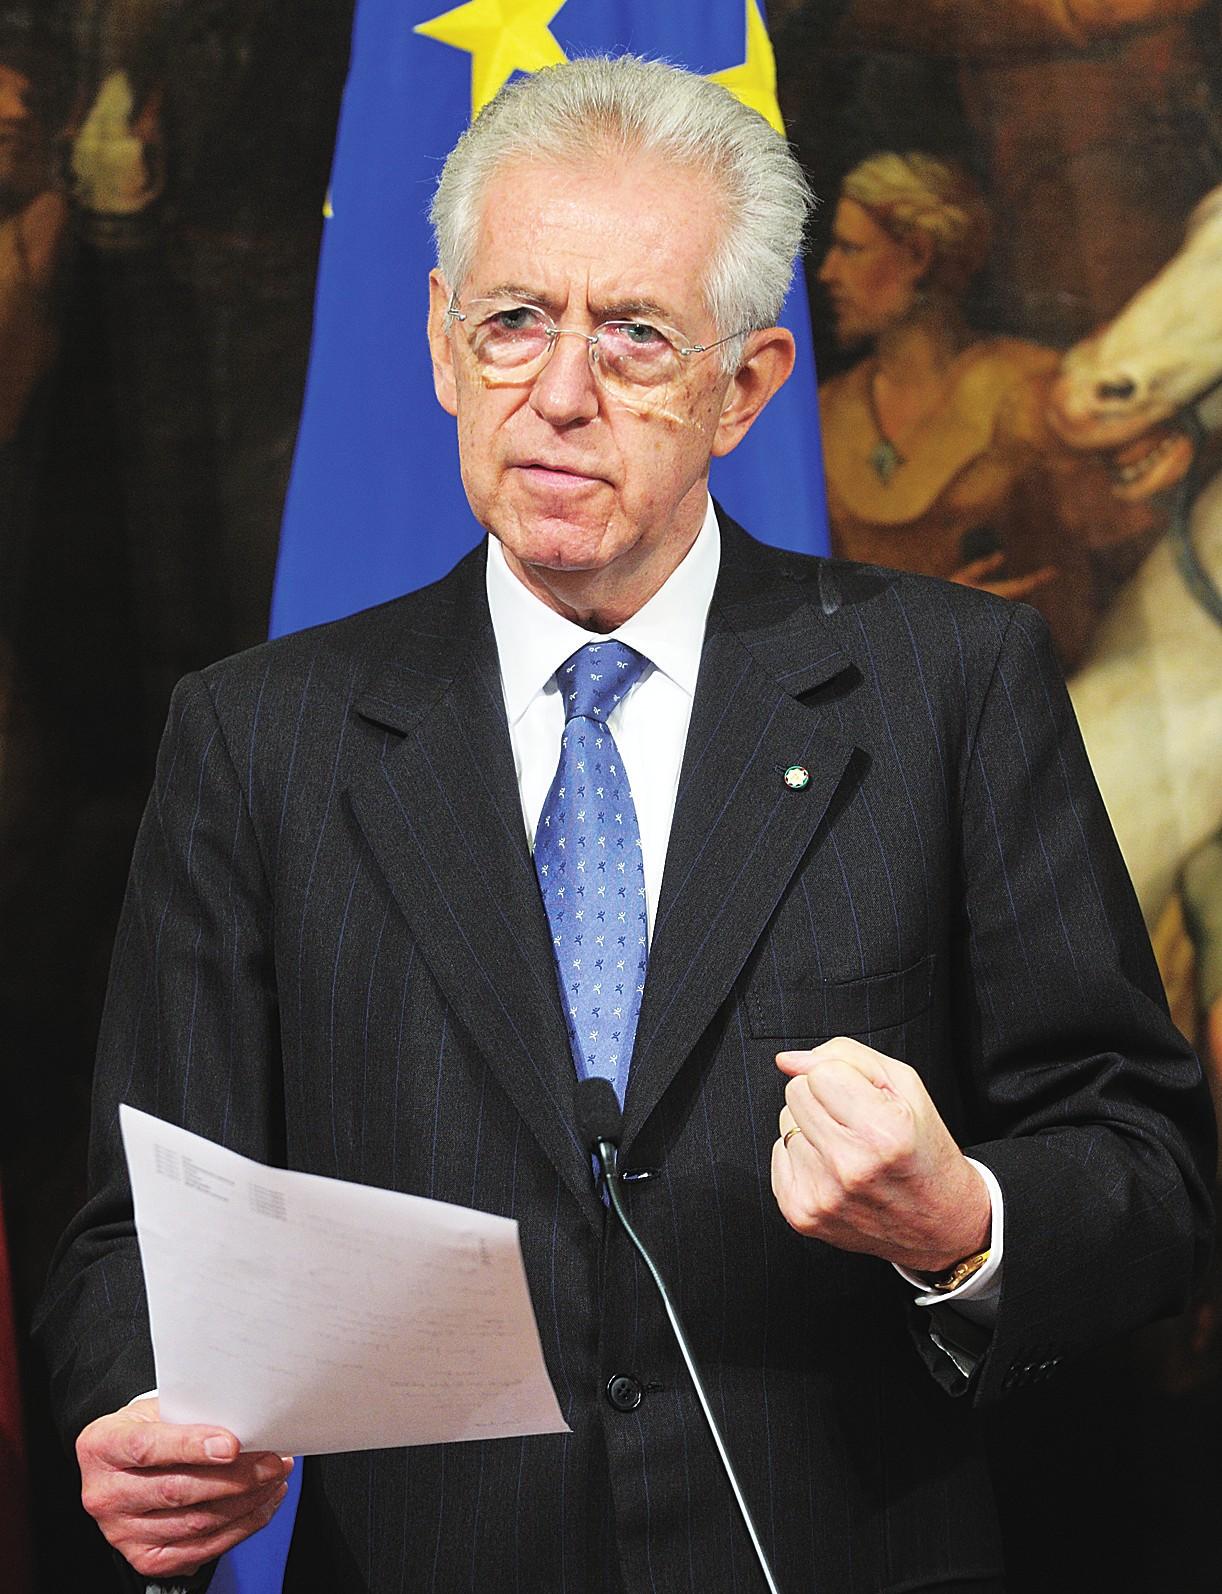 蒙蒂完成意大利过渡政府最后组建工作(图)